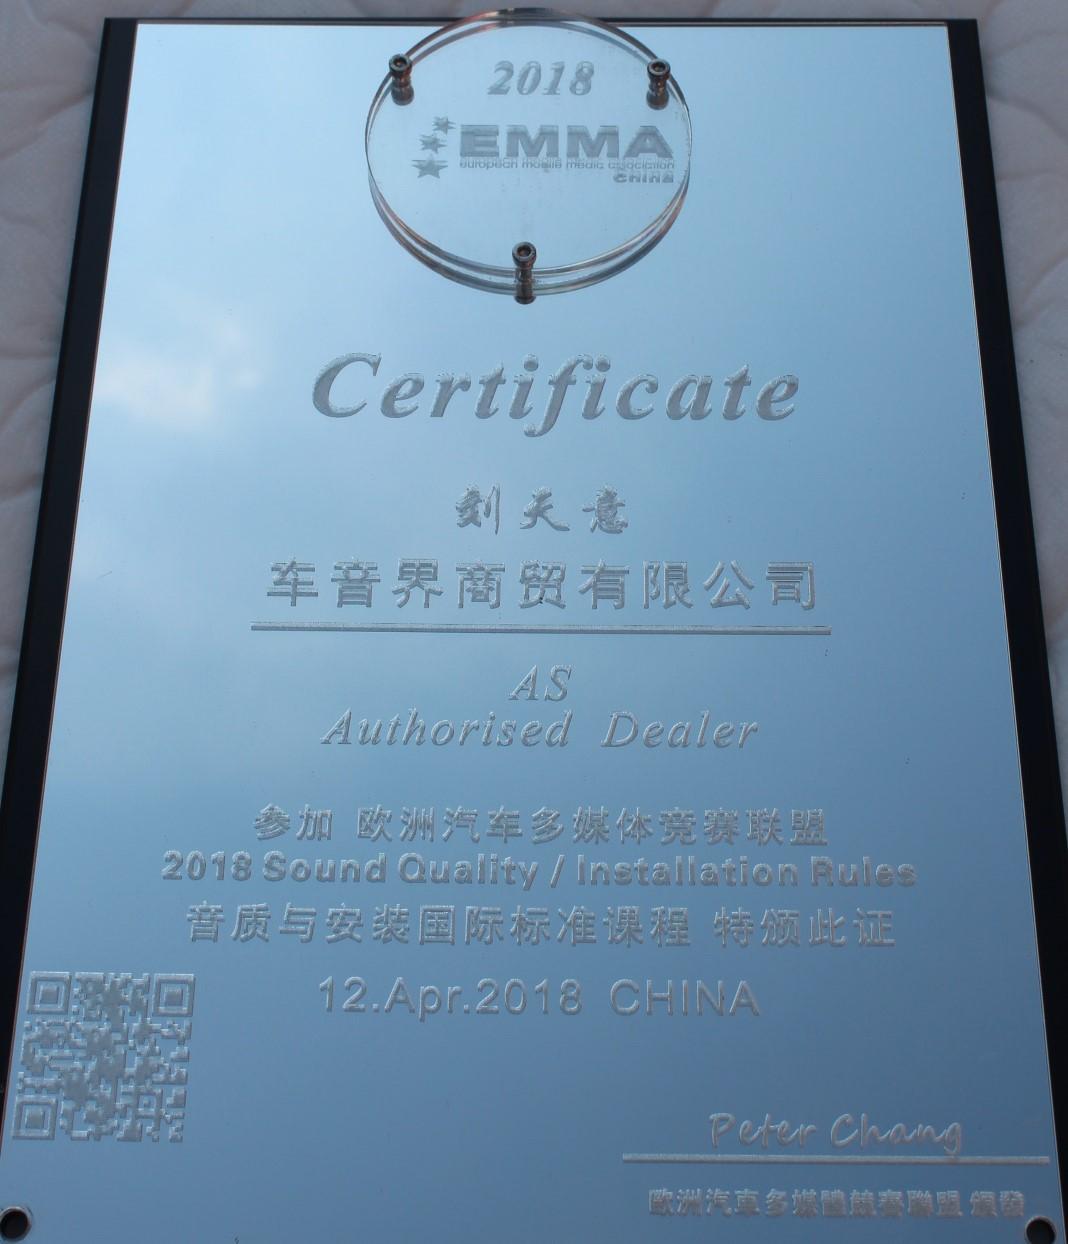 2018年刘天意参加欧洲汽车多媒体竞赛联盟音质与安装国际标准课程 特发此证